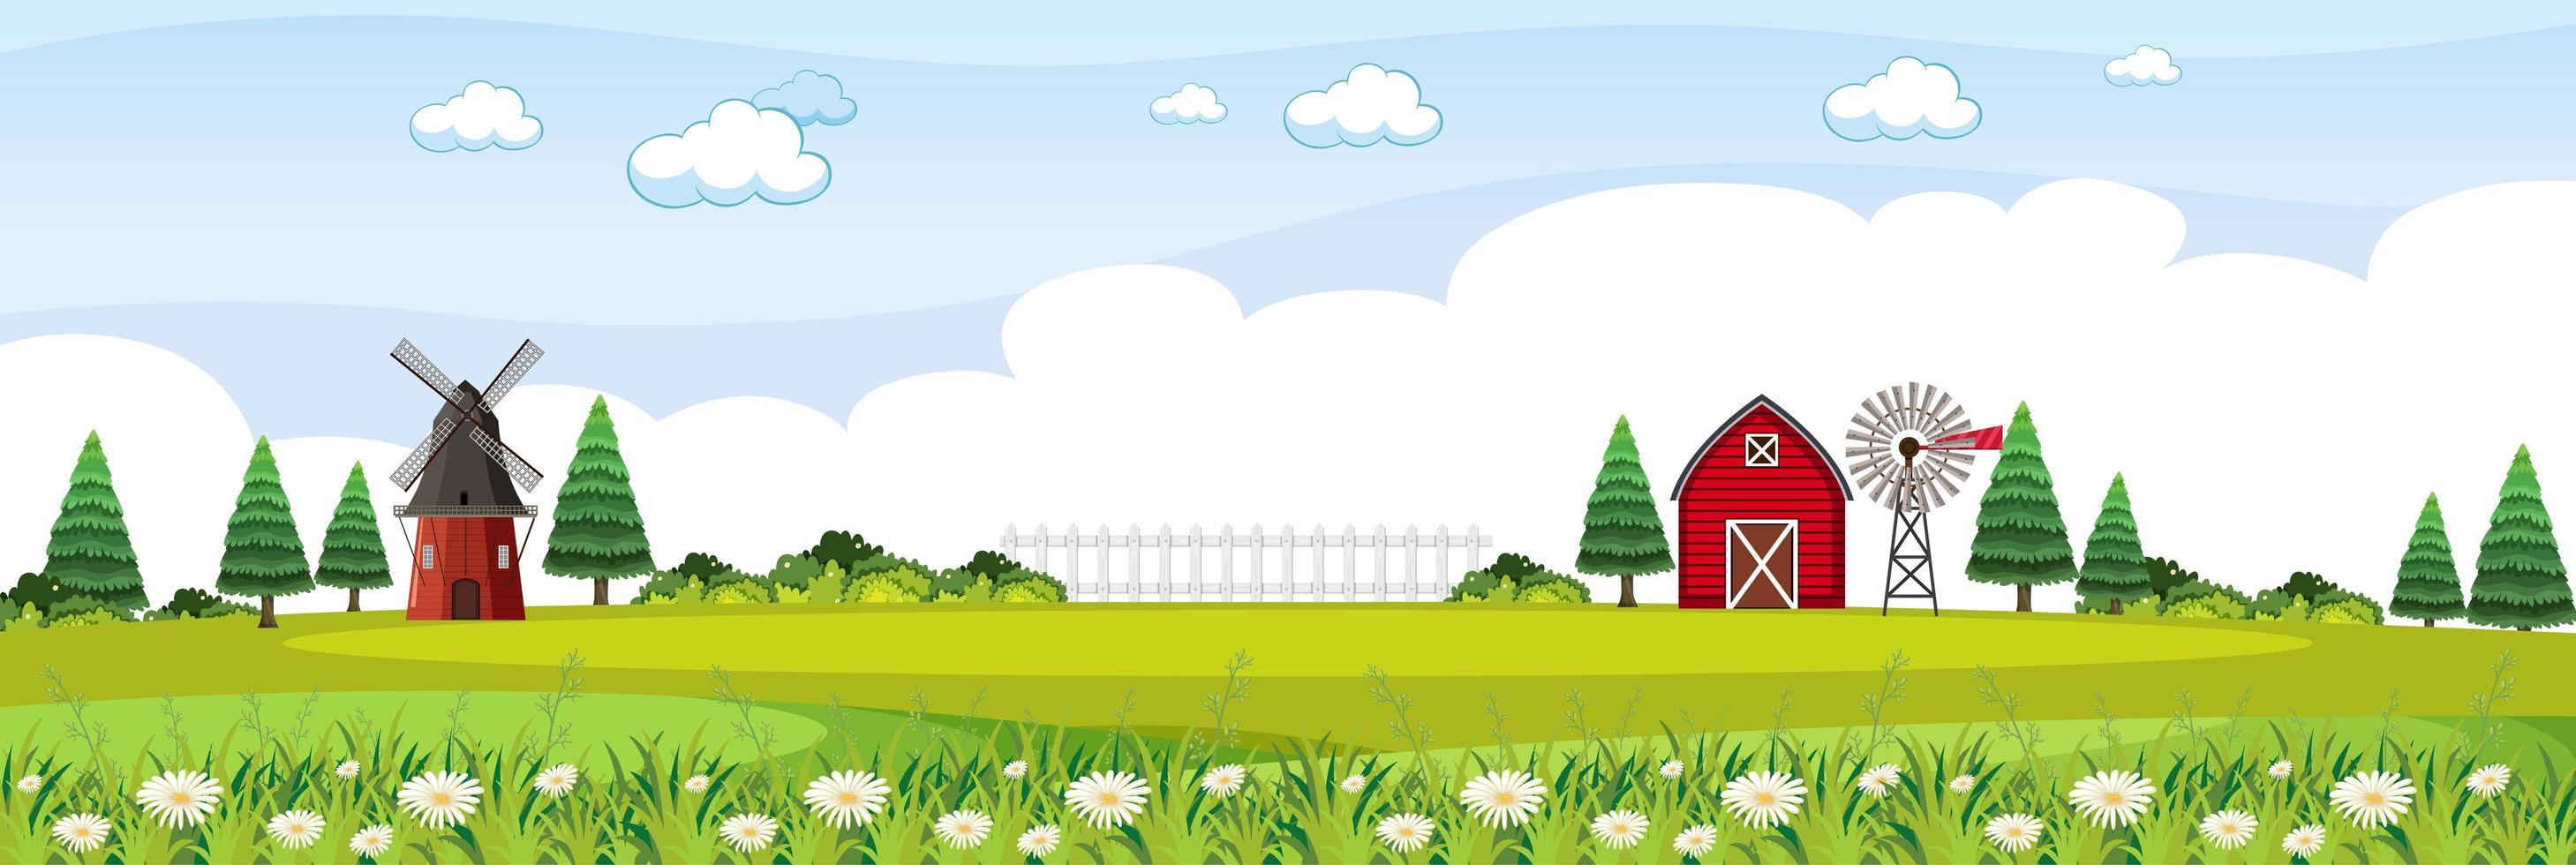 paisagem de fazenda com celeiro vermelho e moinho de vento no verão vetor